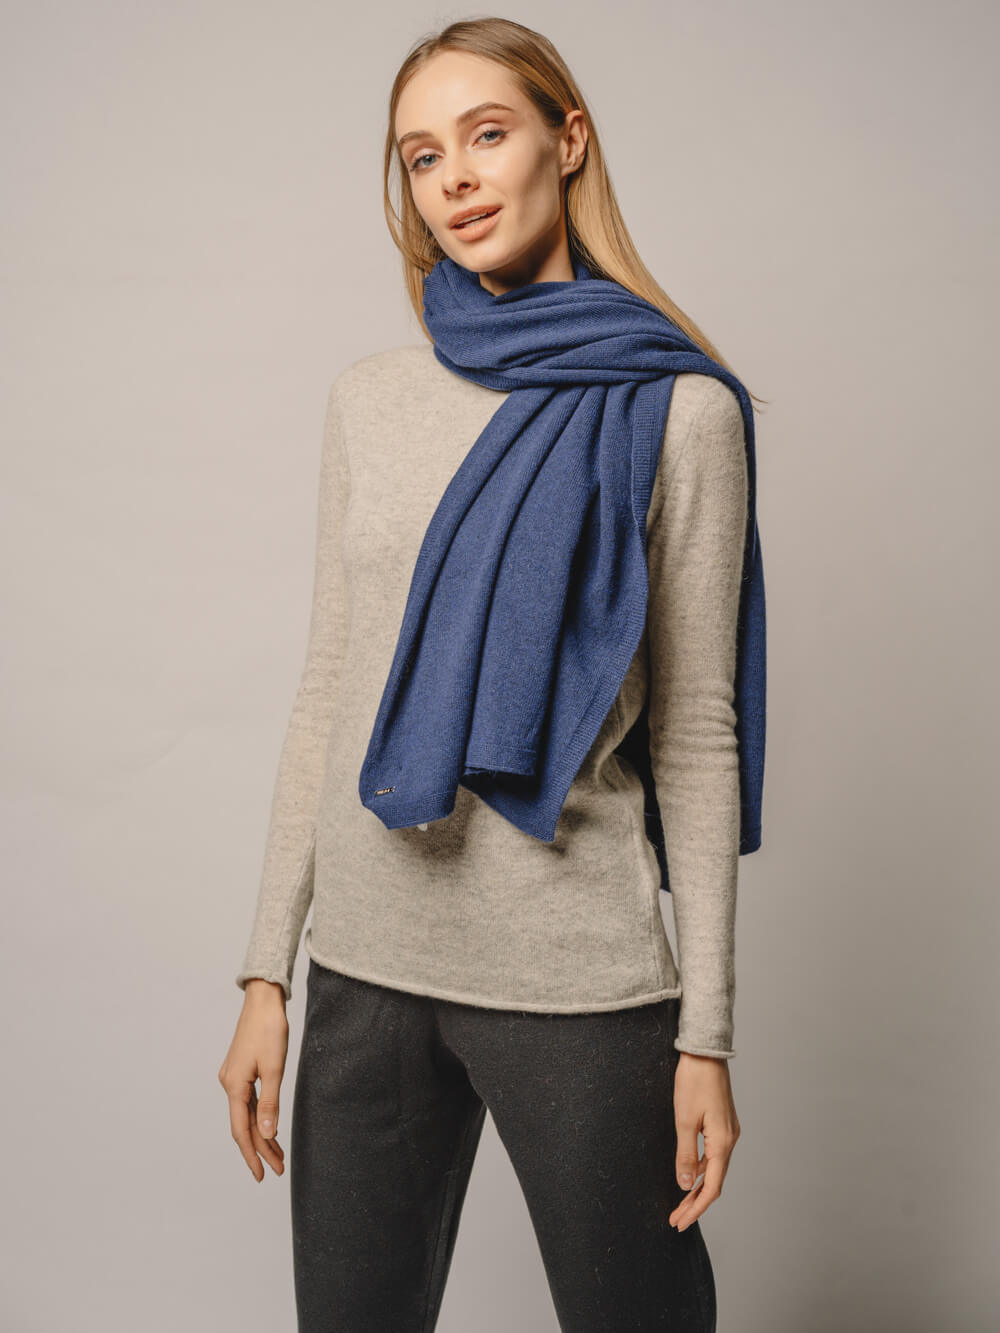 Женский шарф денимного цвета - фото 1